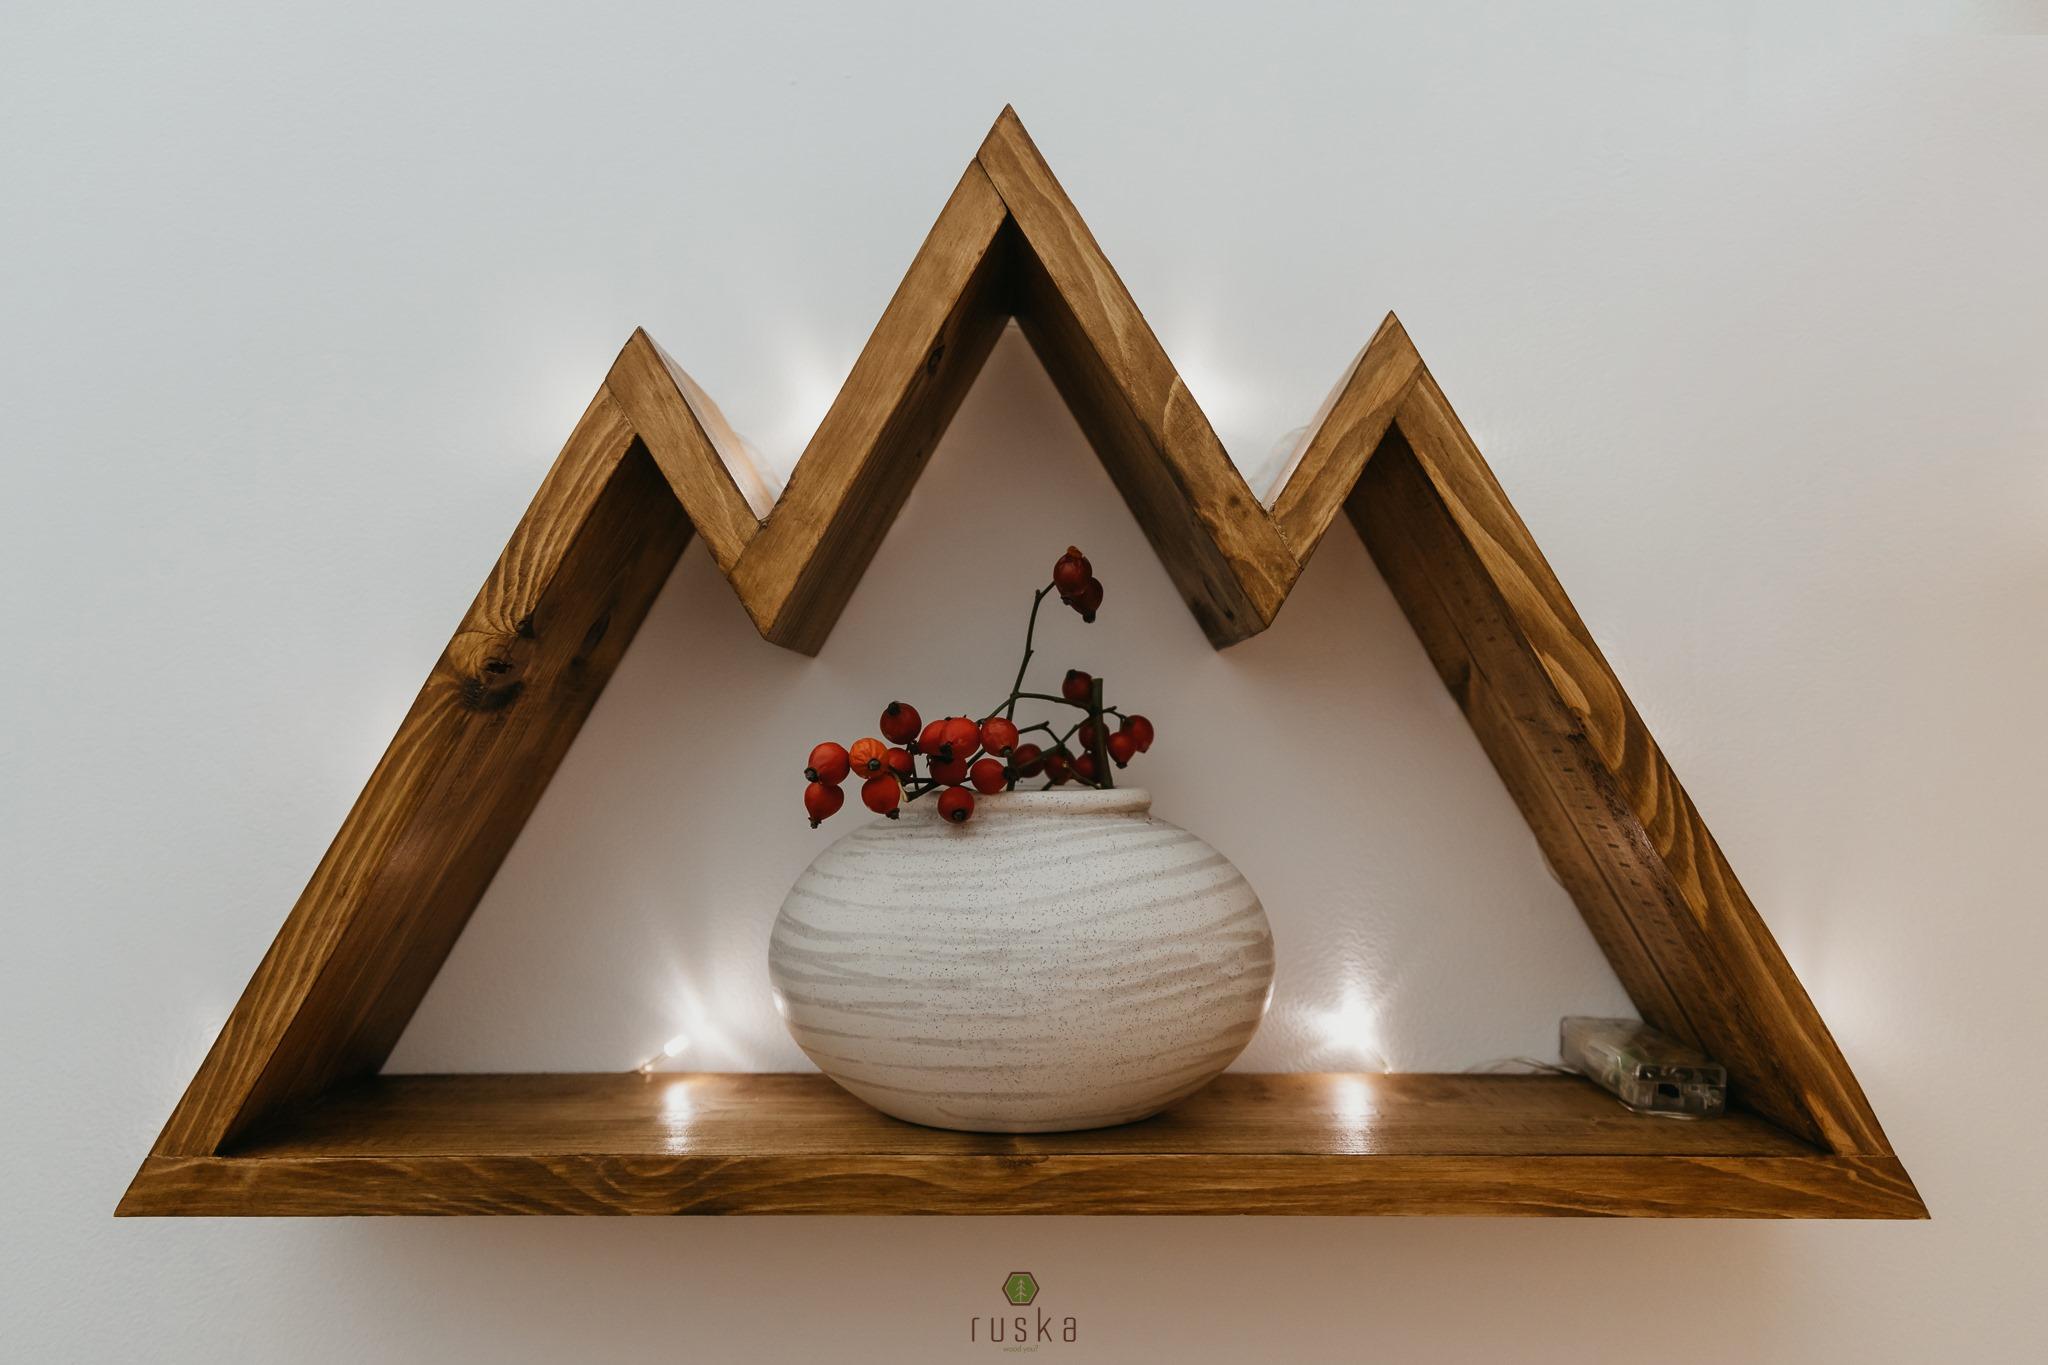 """Un sibian a creat o afacere după ce și-a redecorat casa, în 2020. """"Ruska s-a născut din pasiunea pentru lemn"""""""